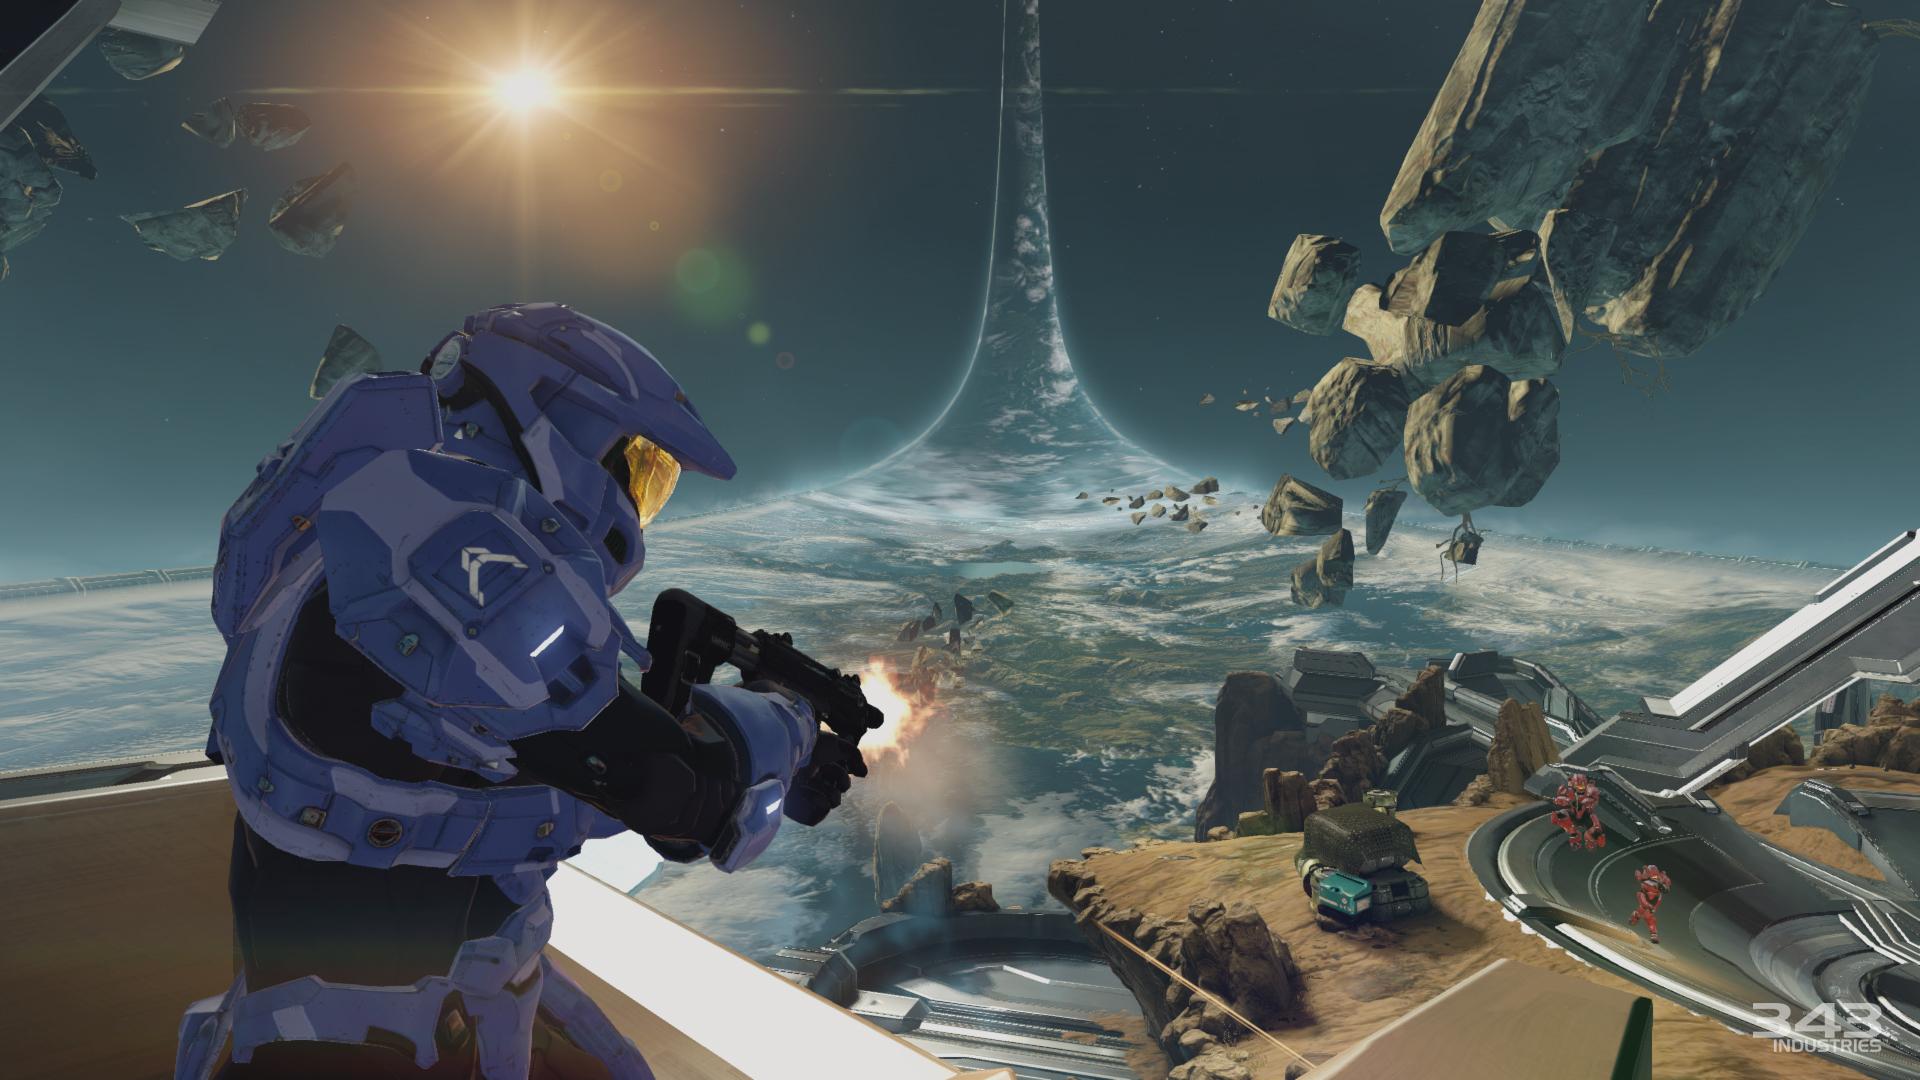 Halo 3 kampanjan matchmaking nopeus dating Croydon